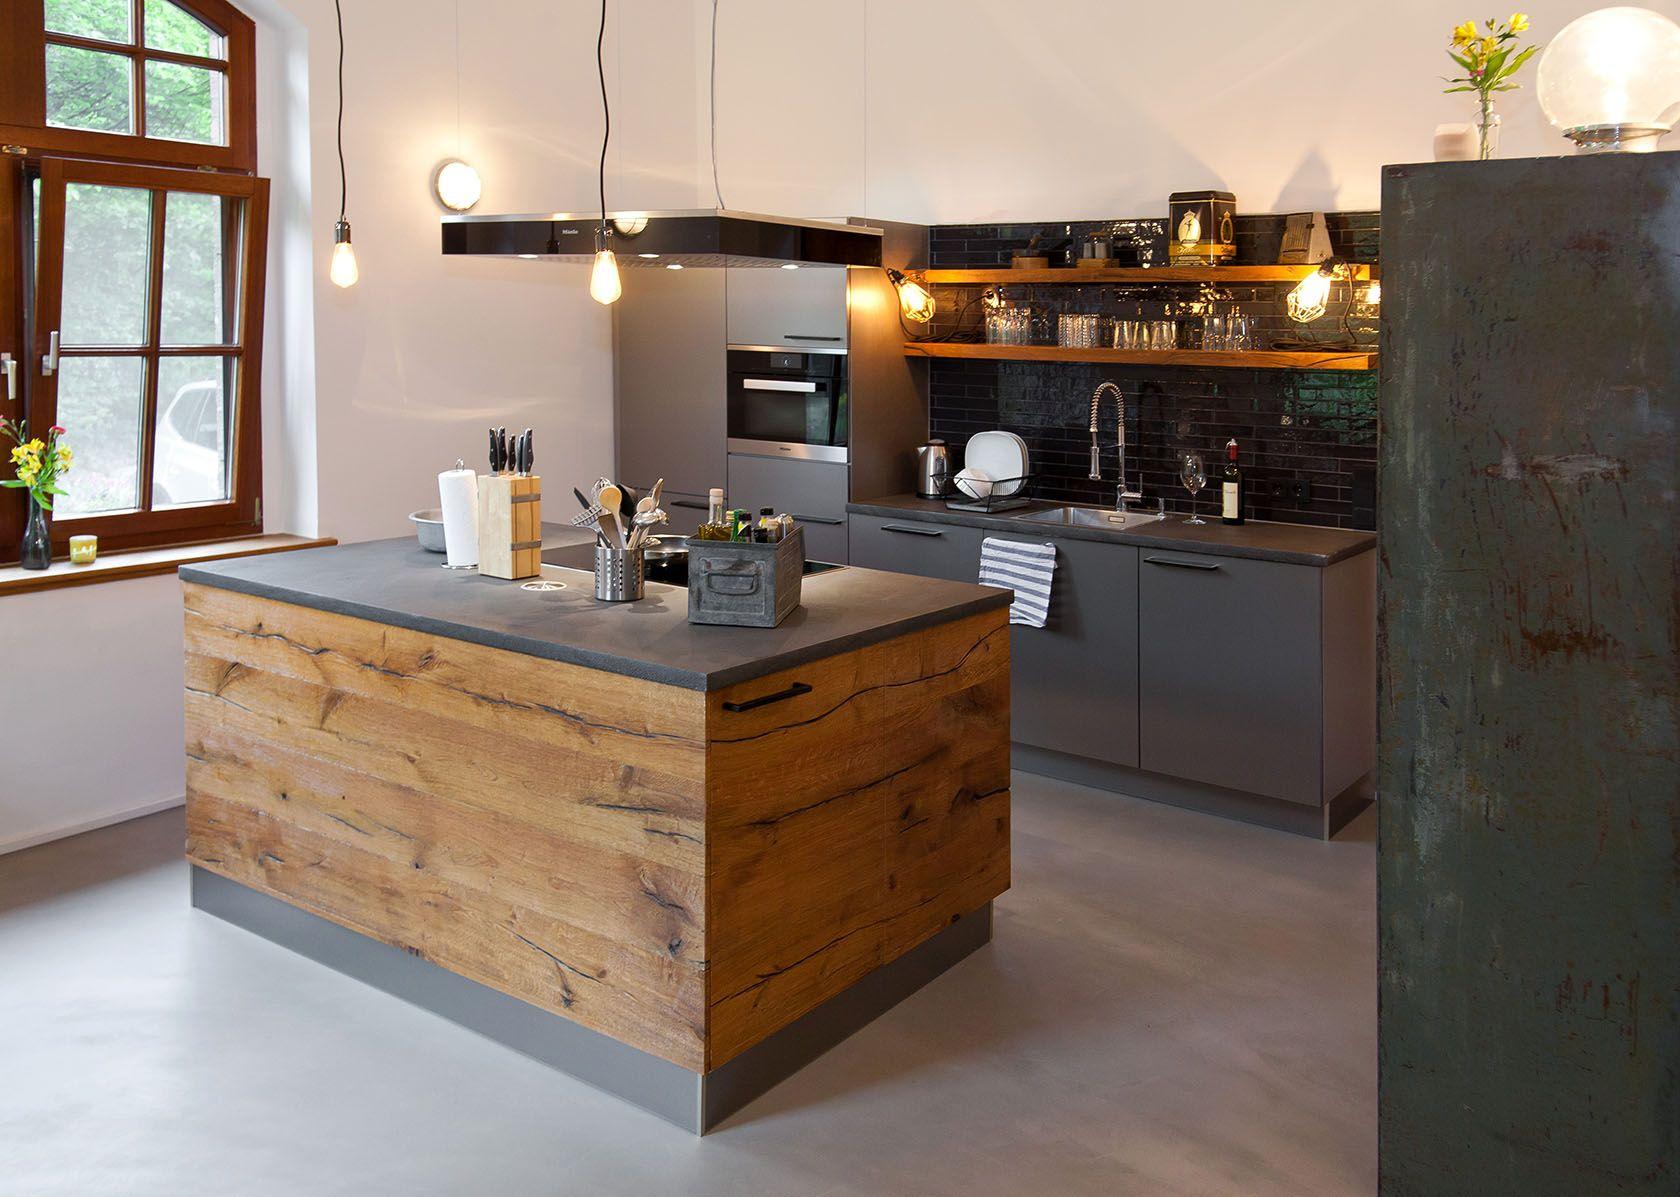 Küche: Wenn Landhausstil auf Moderne trifft | Küchenhaus ...